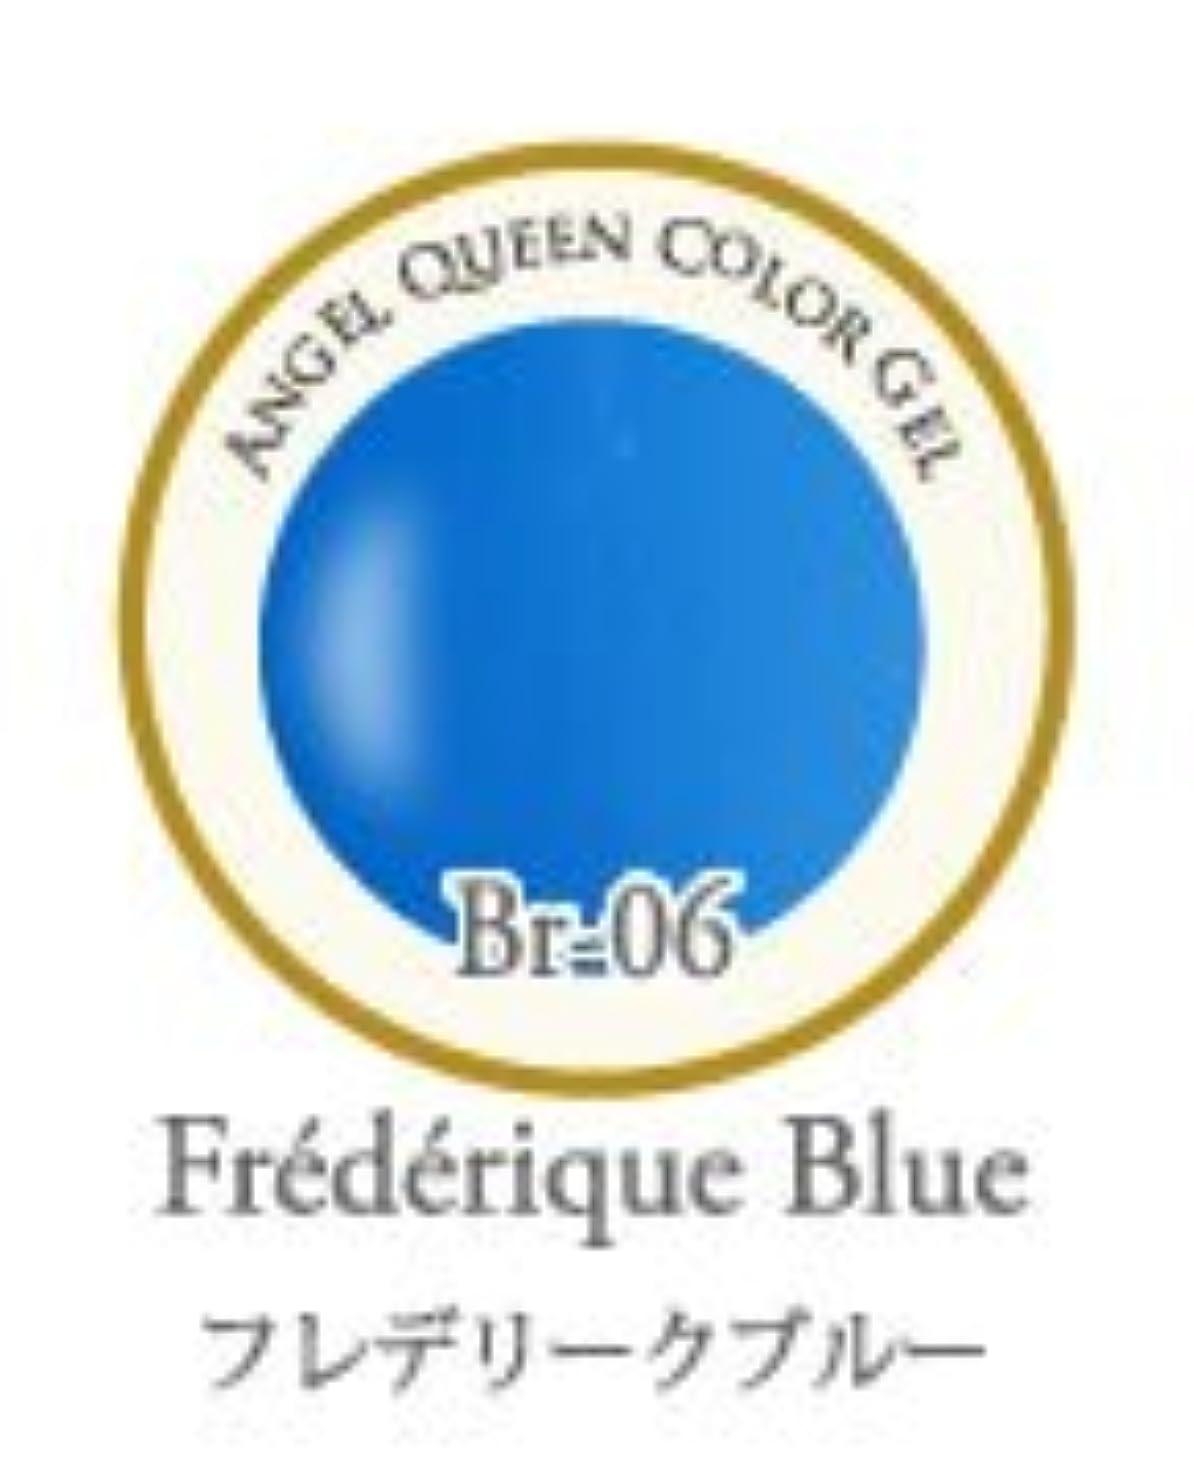 グレートバリアリーフインフラプレビスサイトエンジェル クィーンカラージェル Brilliant 3gフレデリークブルー